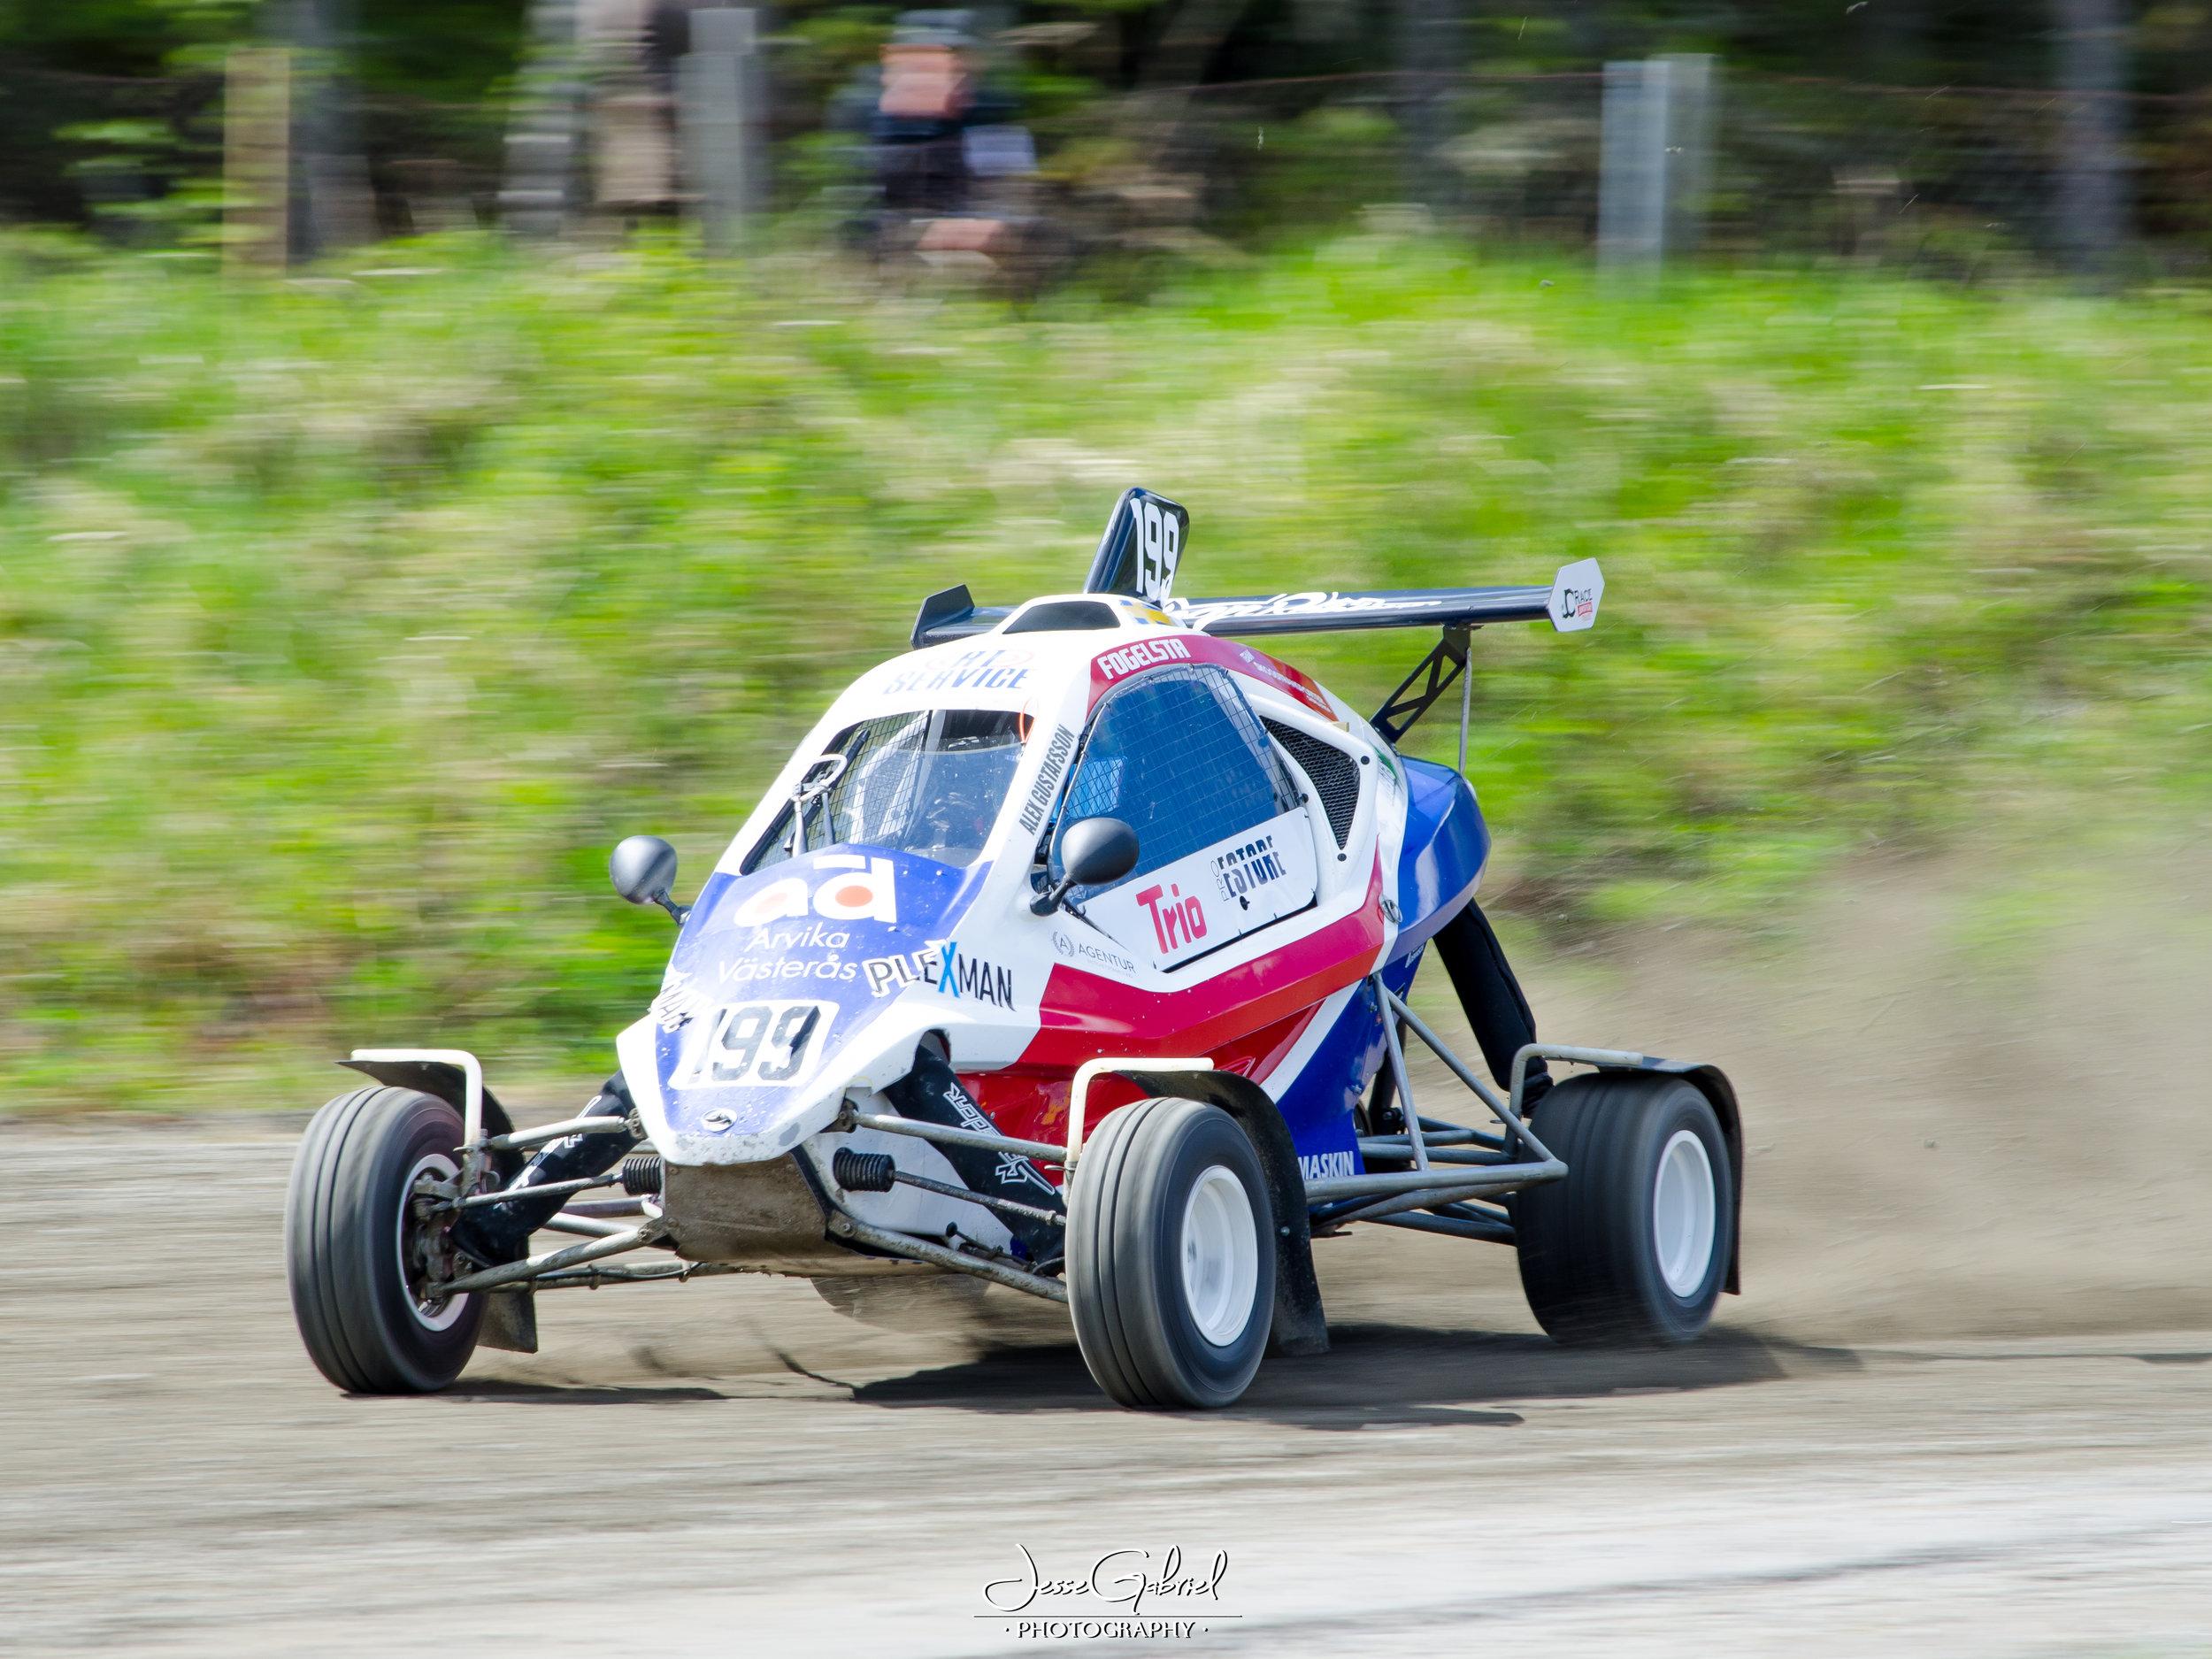 #199Alexander Gustafsson - Seura:Auto: Speedcar Xtrem / Suzuki